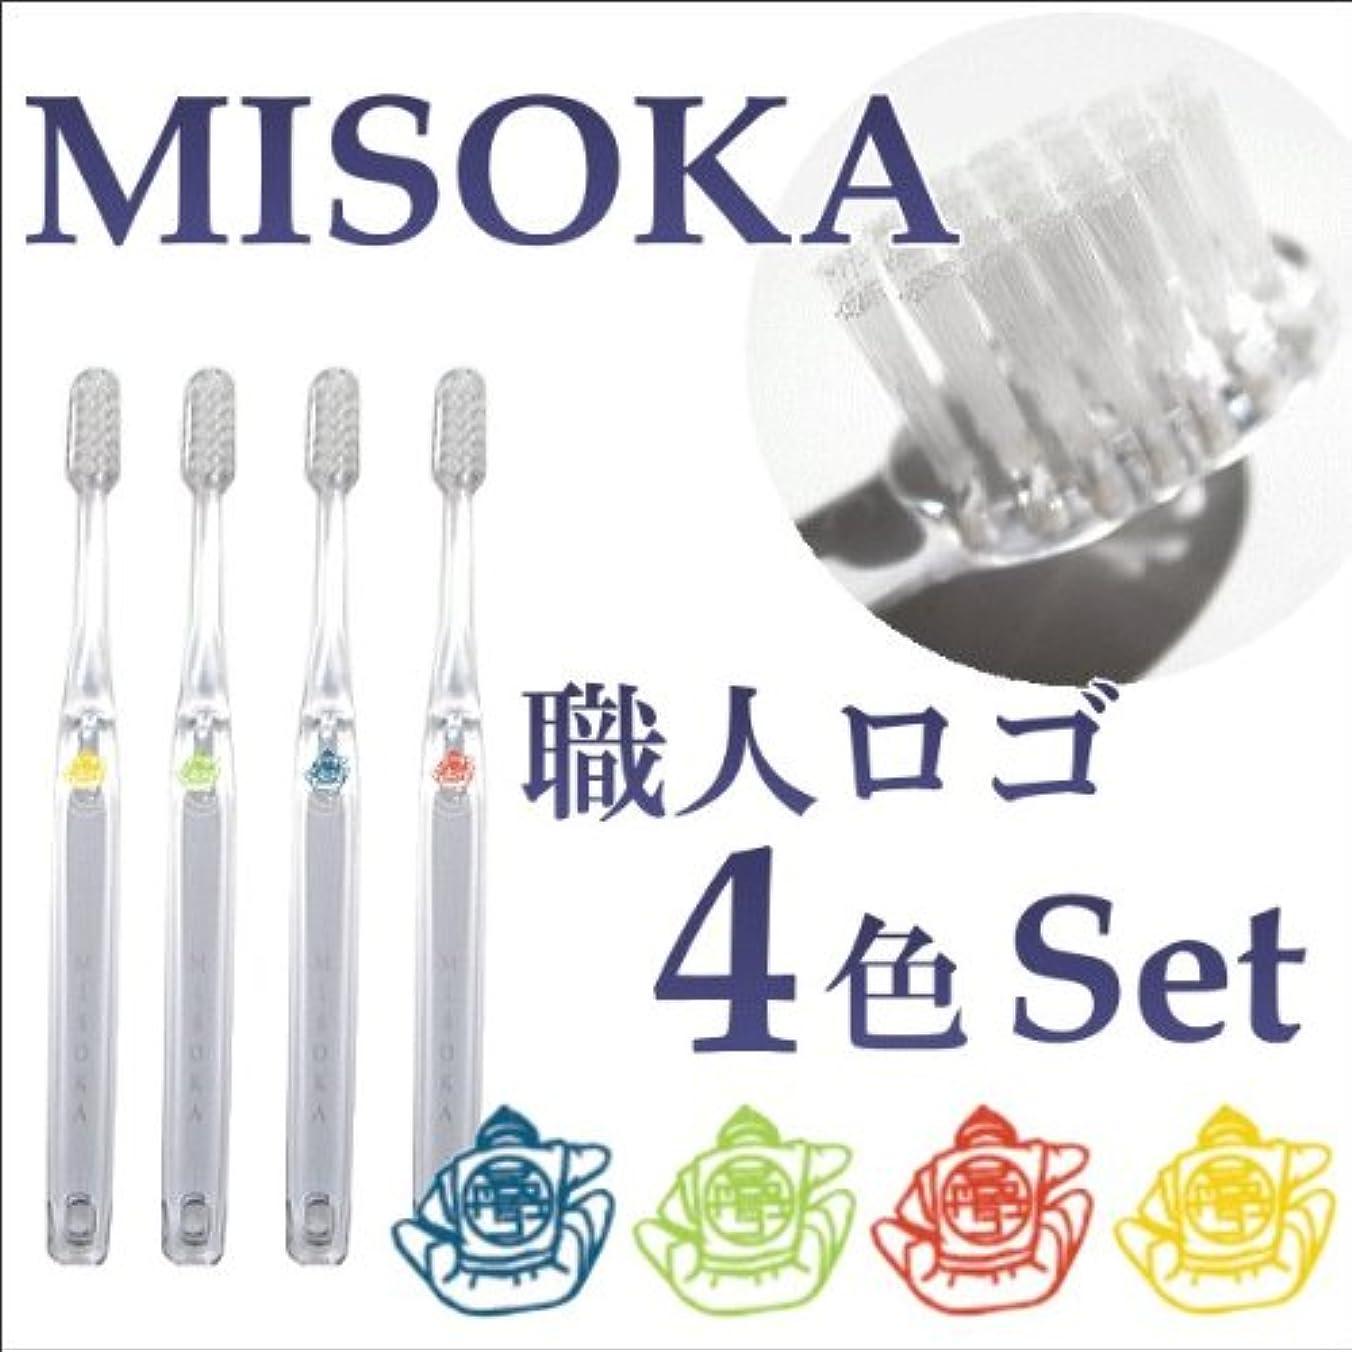 ボリューム埋め込む耳「MISOKA」職人技の歯ブラシ ミソカ 職人ロゴ4色セット×2セット